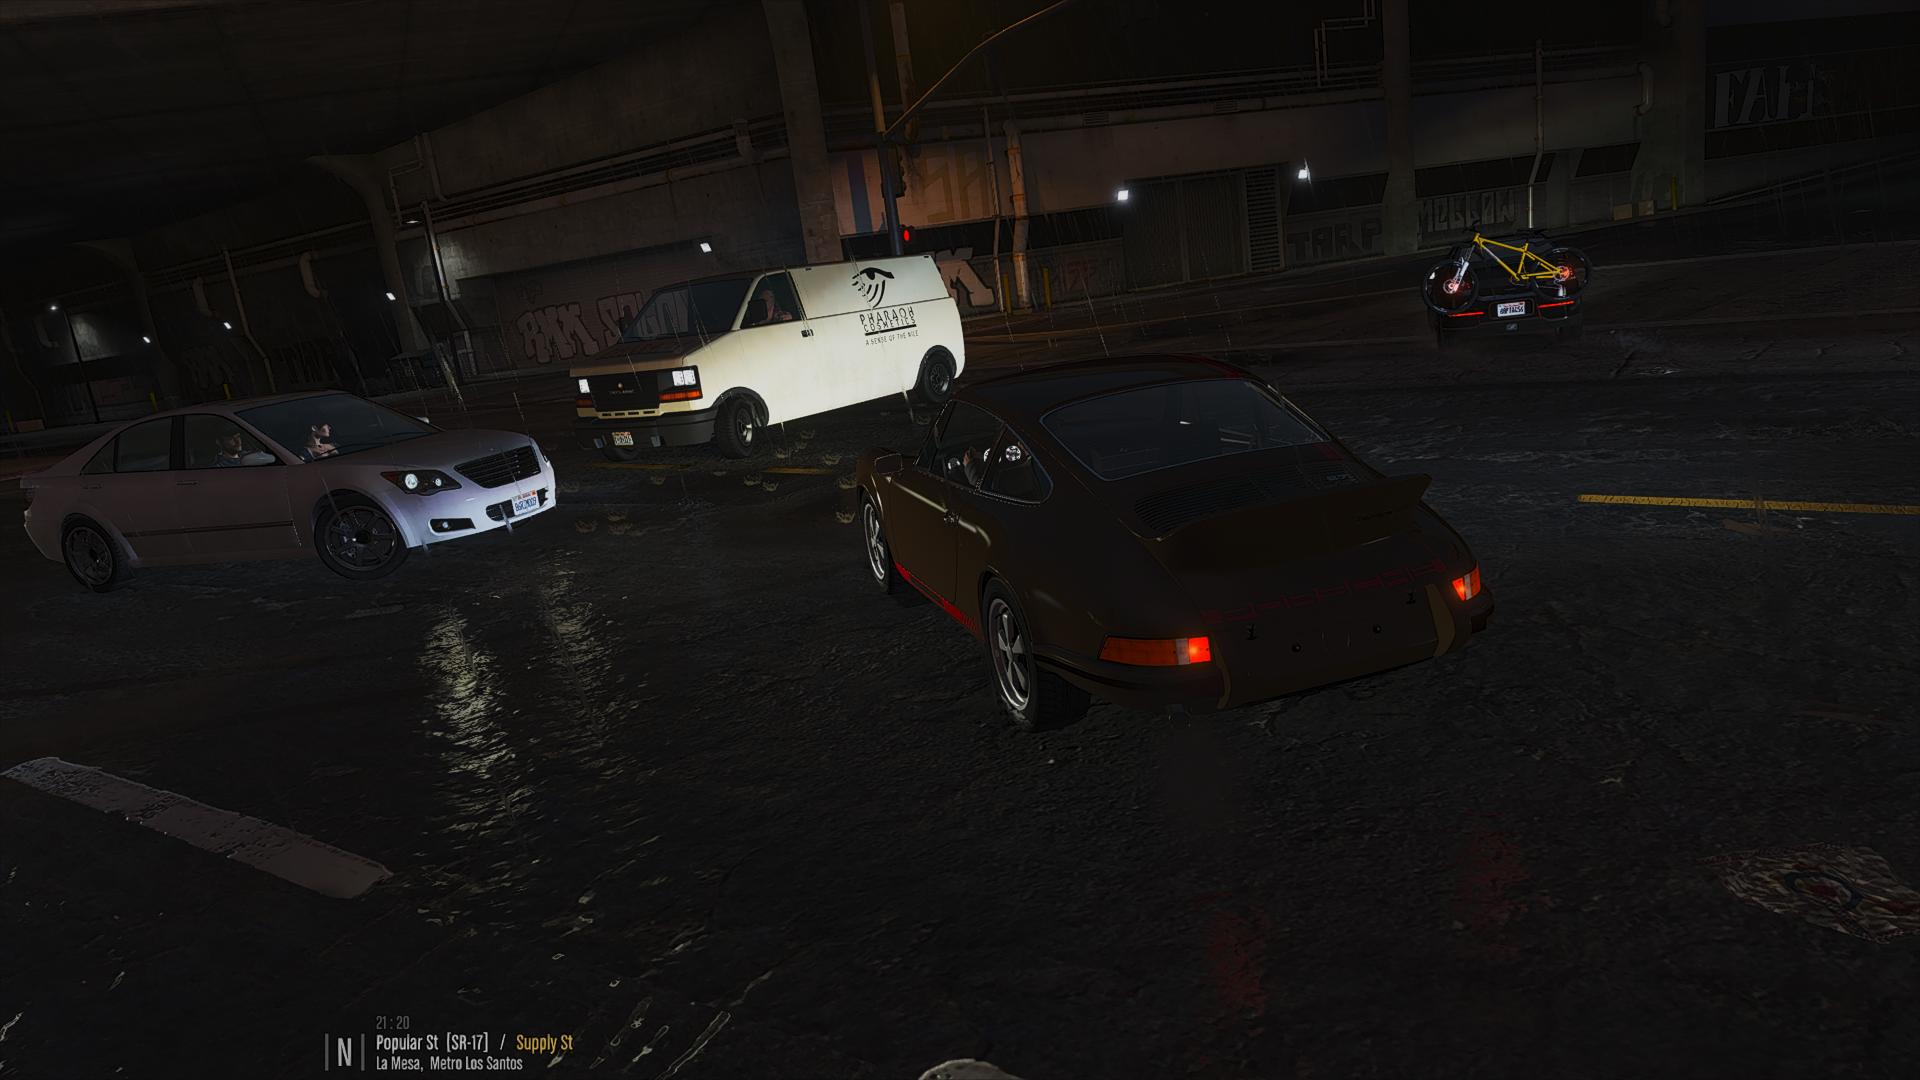 Grand_Theft_Auto_V_Screenshot_2018.09.04